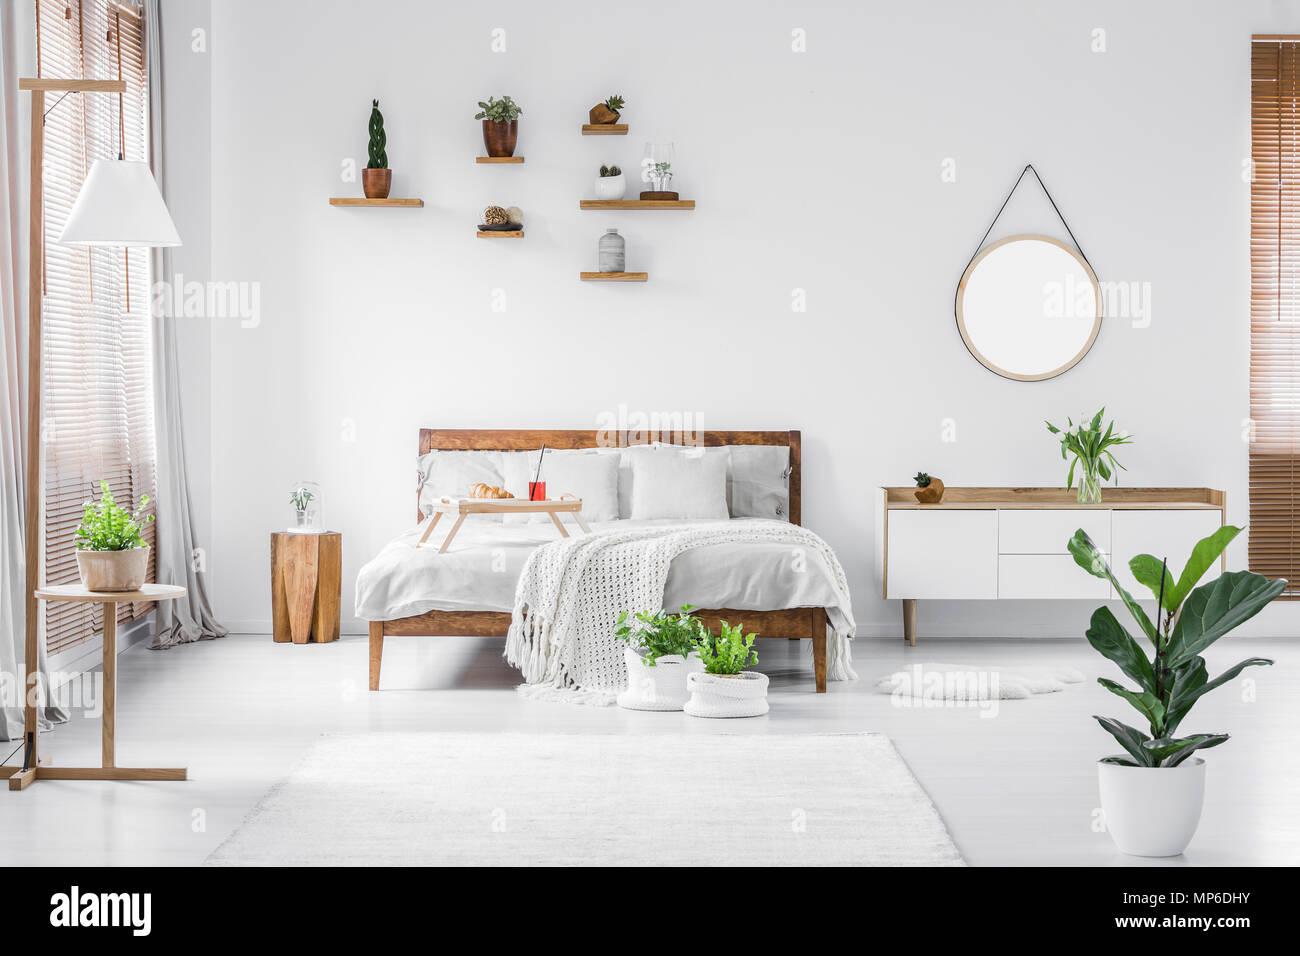 matin dans un cadre lumineux et ensoleille de l interieur chambre a coucher moderne blanc avec des meubles en bois coussins couverture et bac alimentaire